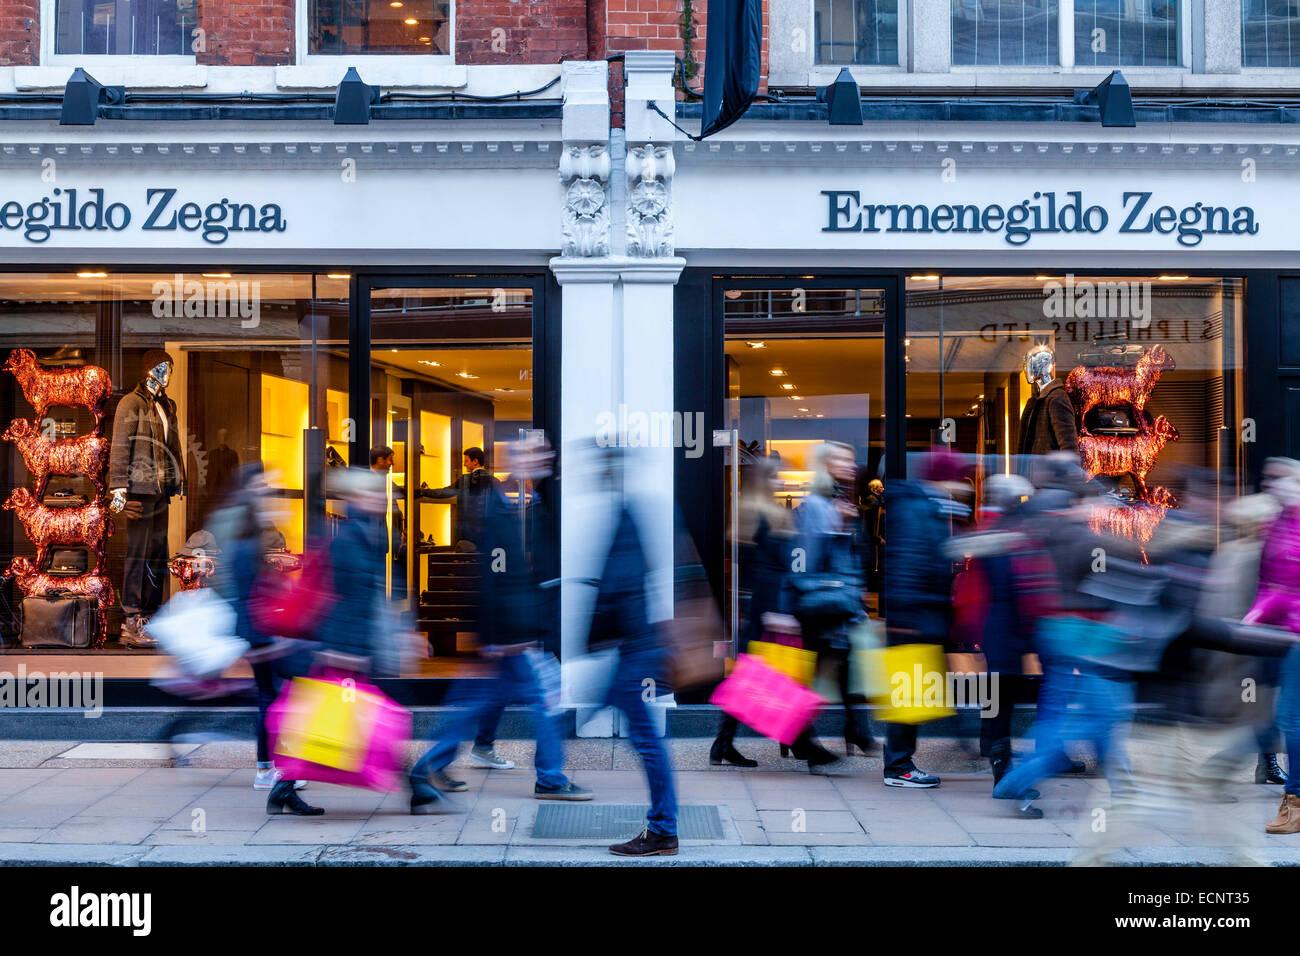 Ermenegildo Zegna negozio di abbigliamento in New Bond Street a Londra ebd6da8da99